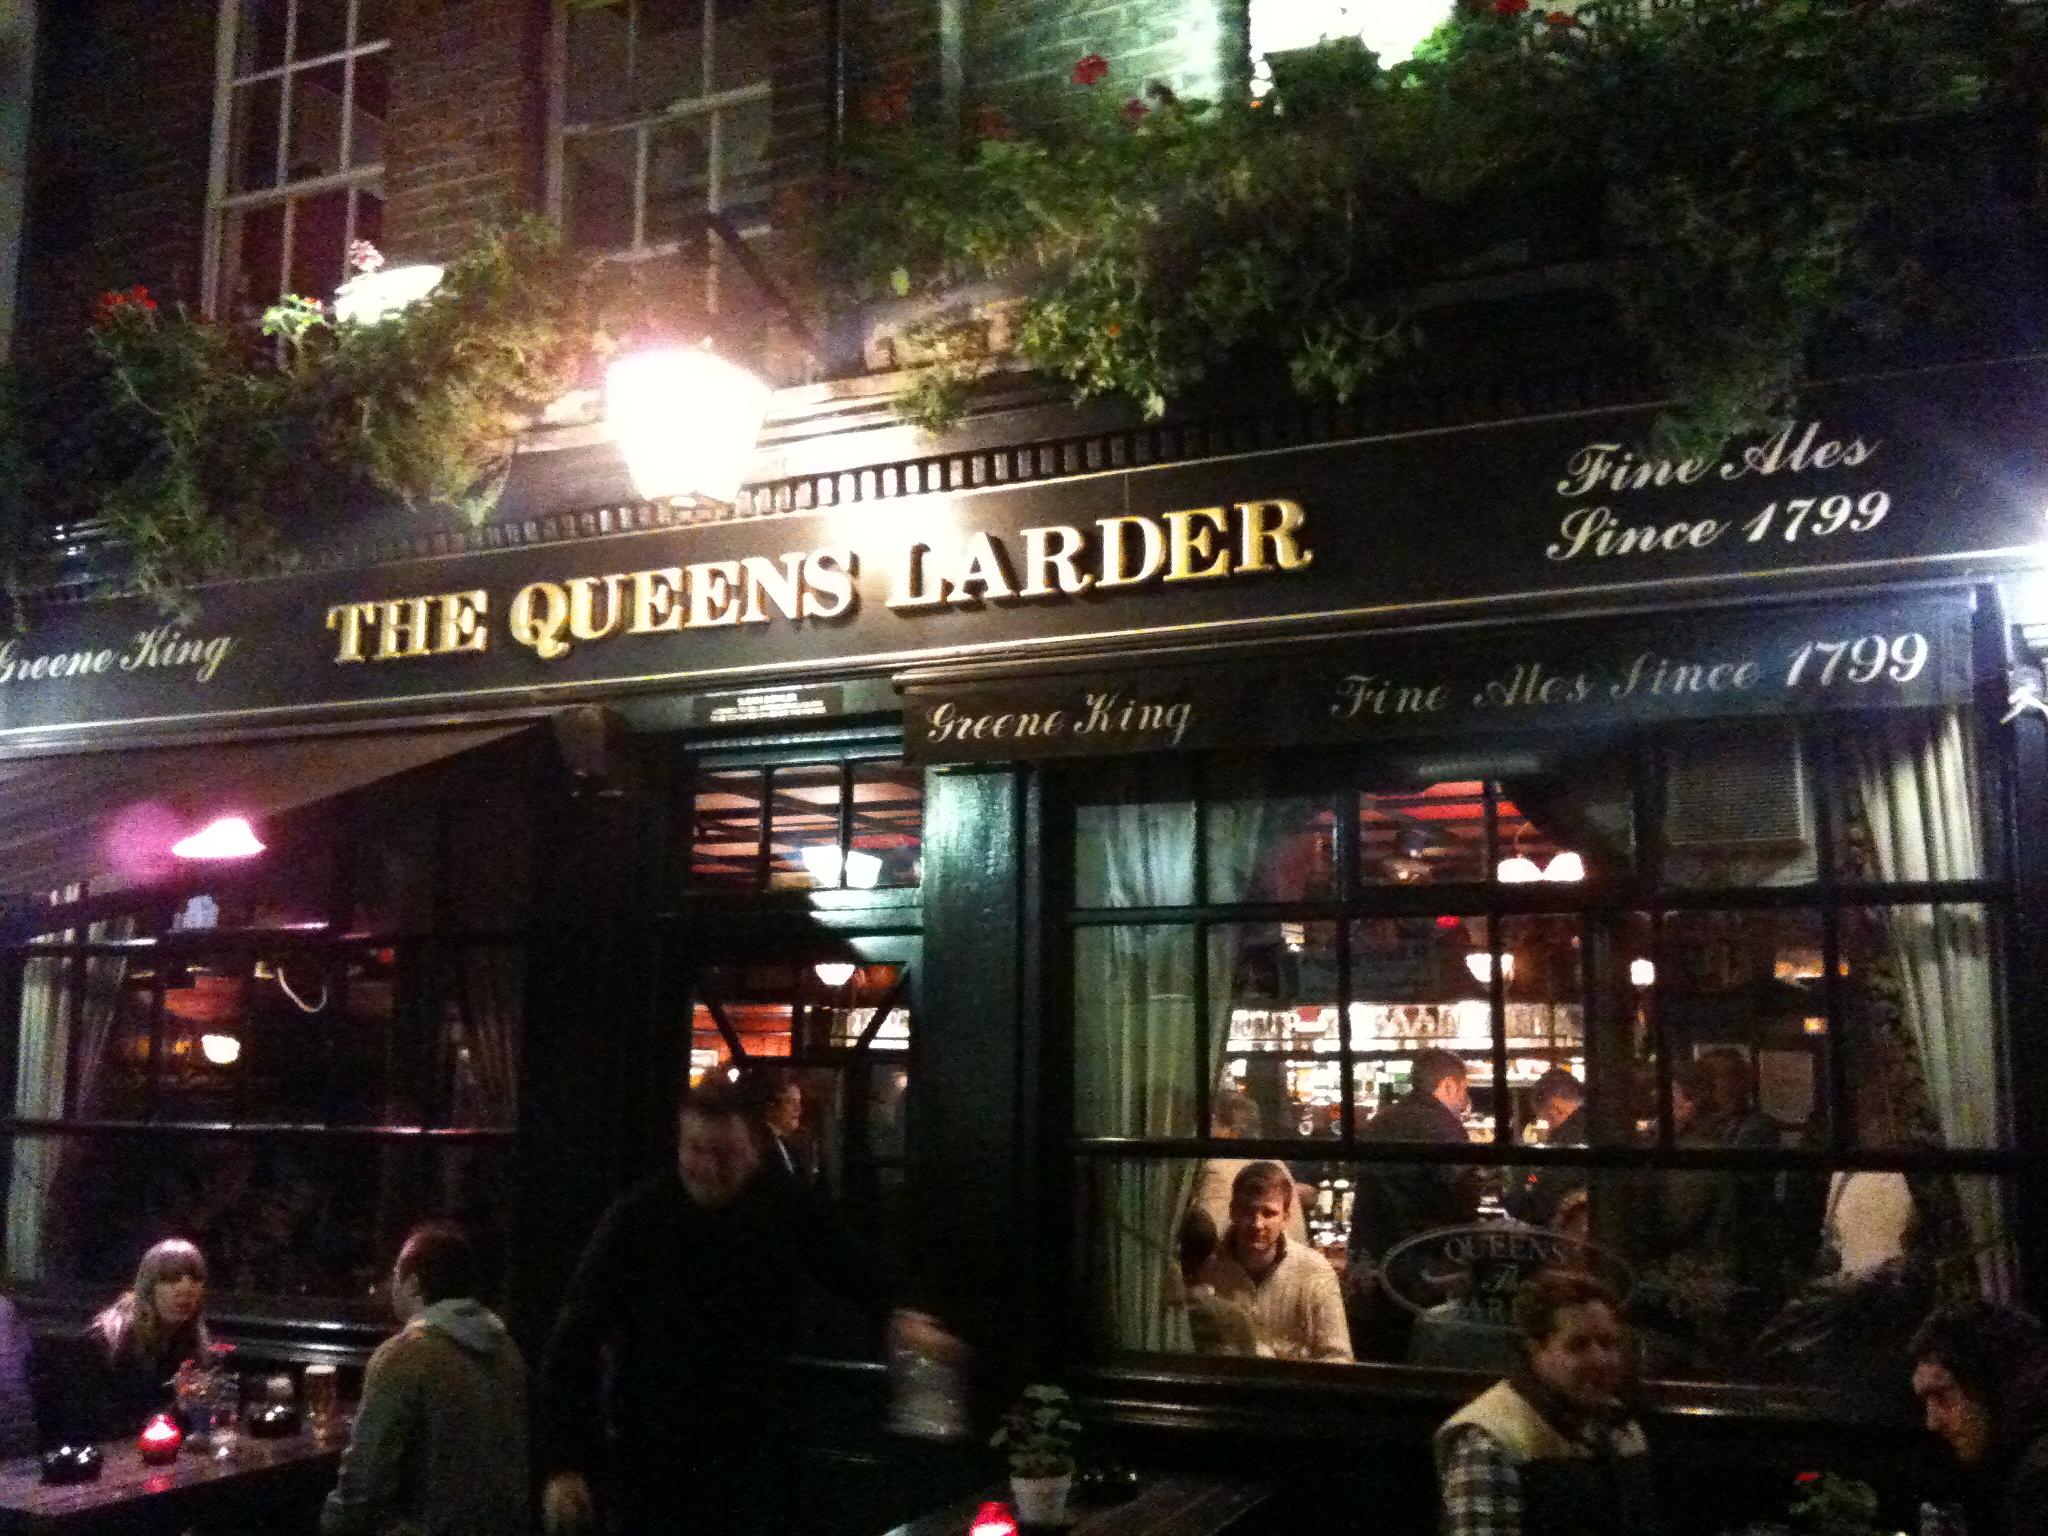 The Queen's Larder